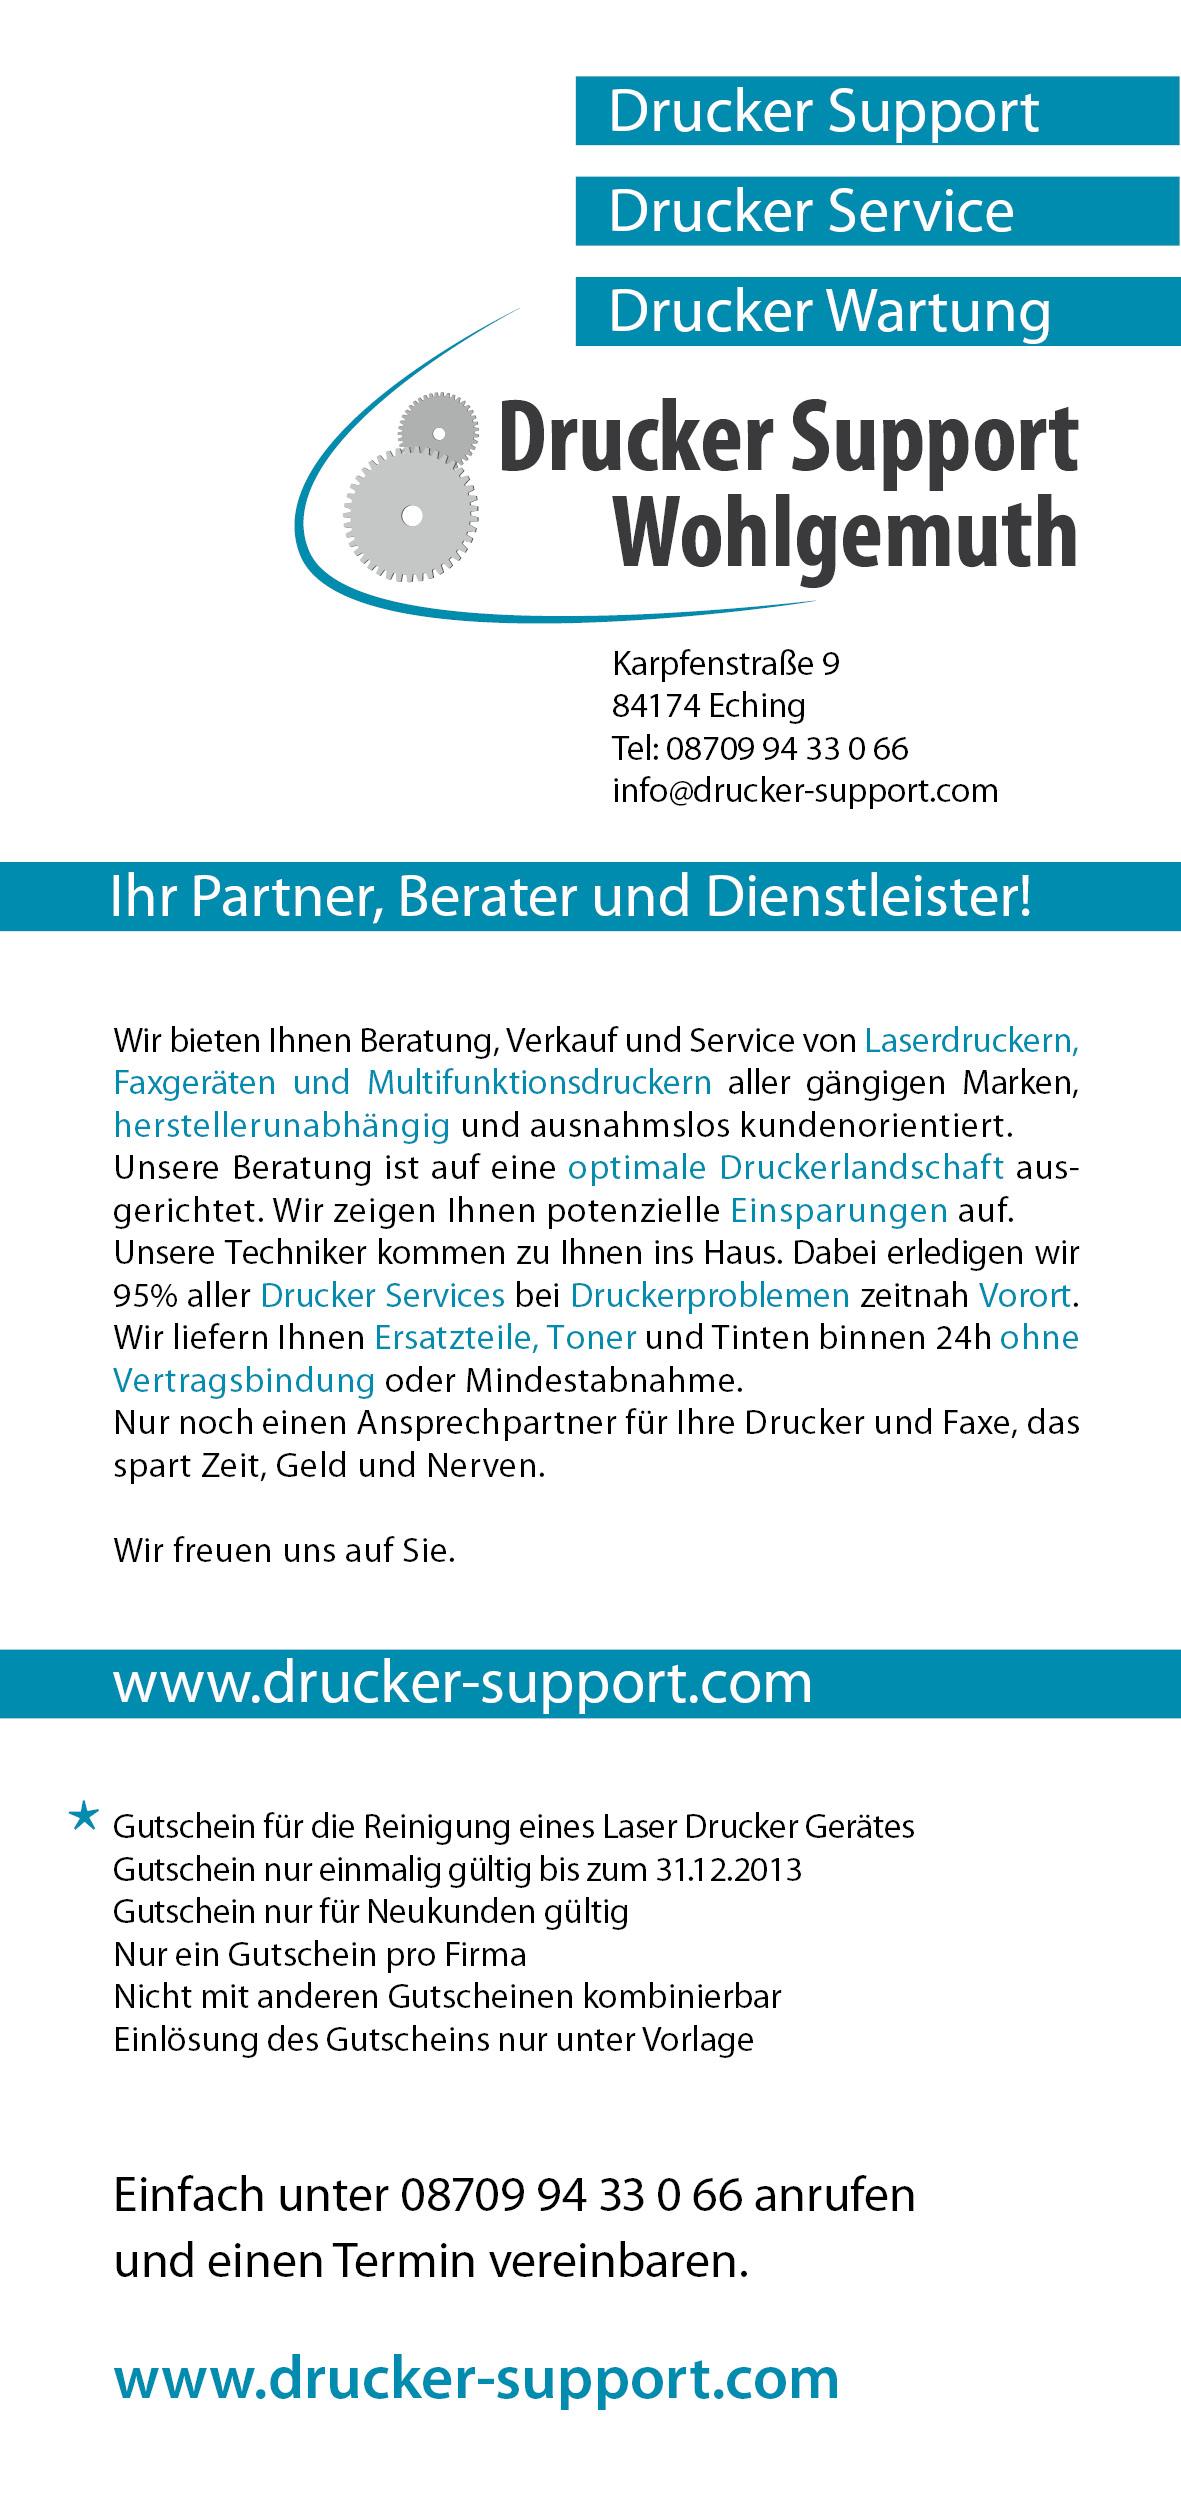 flyer Drucker Support Wohlgemuth 2.jpg